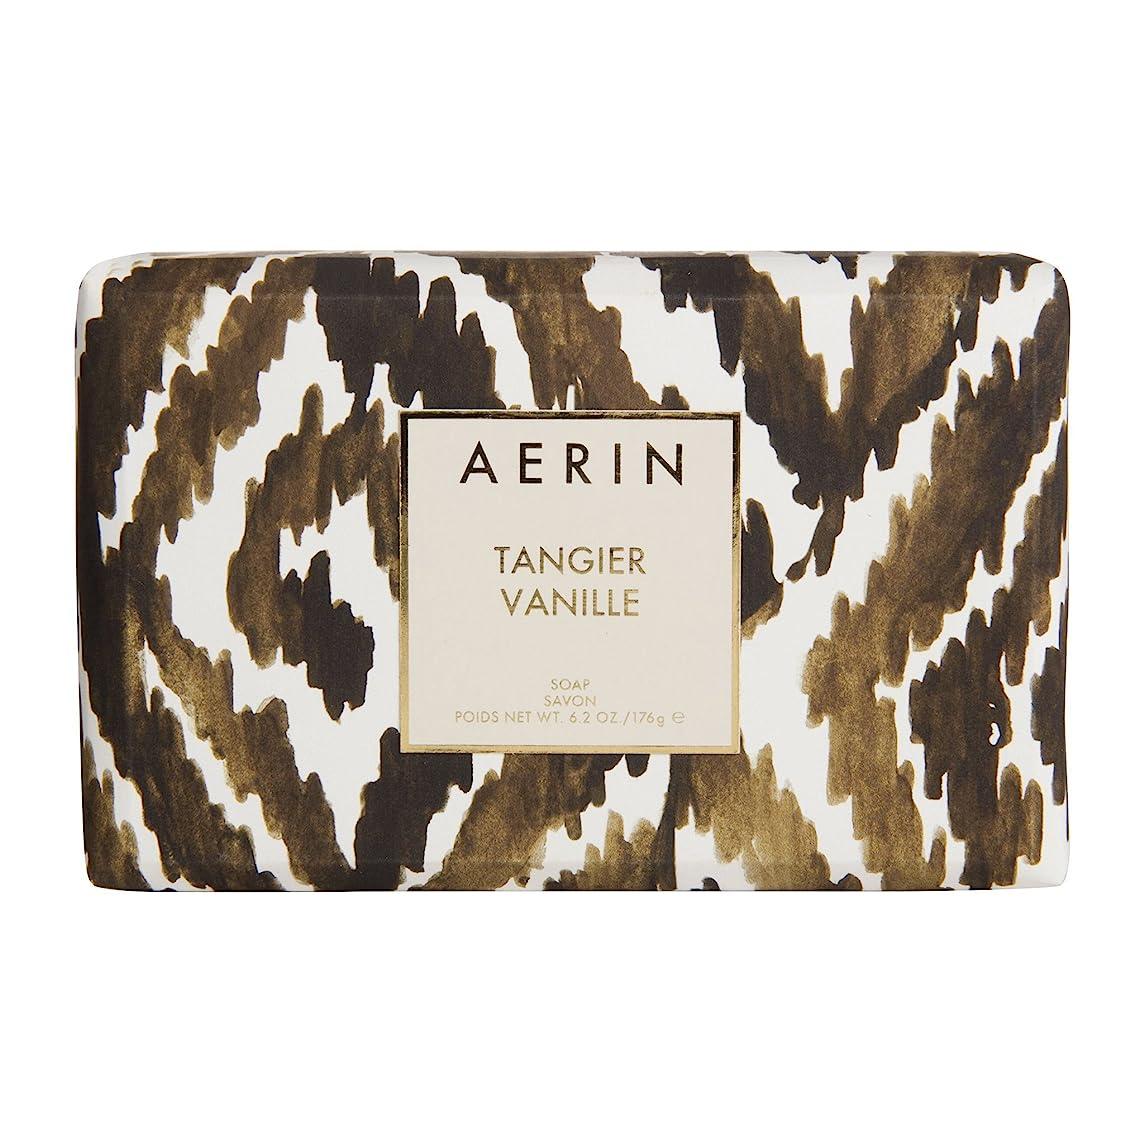 コードレス変える平方AERIN Tangier Vanille (アエリン タンジヤー バニール) 6.2 oz (186ml) Soap 固形石鹸 by Estee Lauder for Women